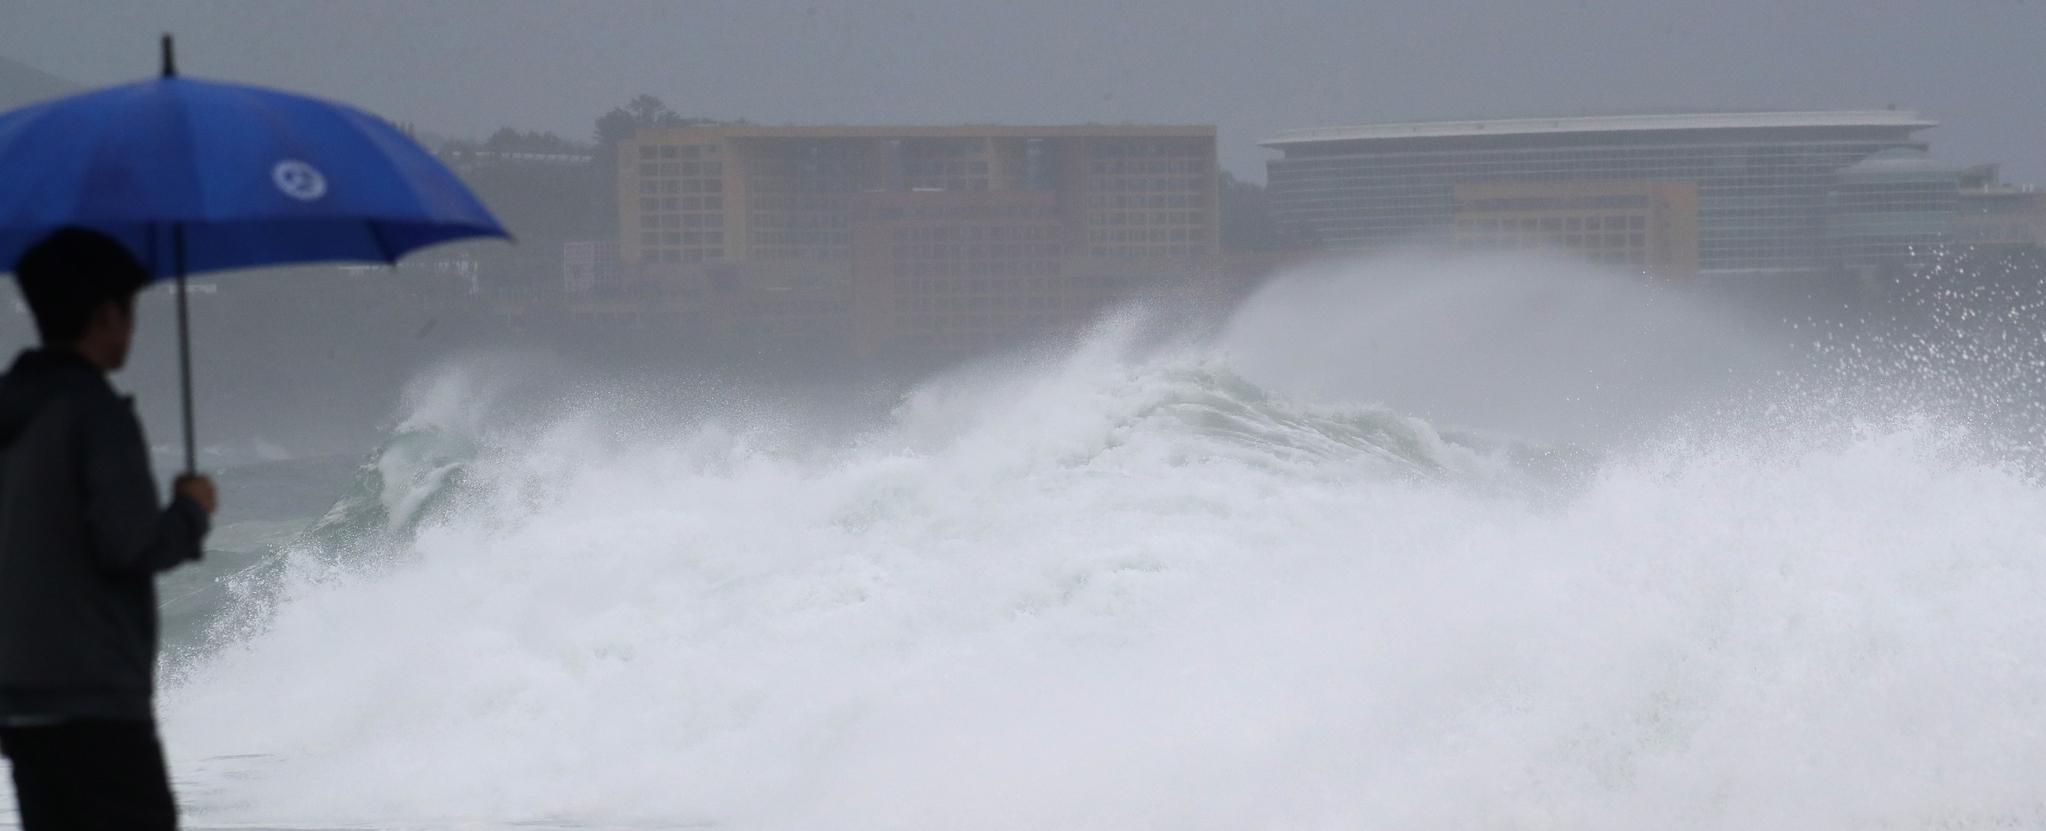 제5호 태풍 '다나스'가 북상 중인 19일 오전 제주 서귀포시 예래동 앞바다에 파도가 거세게 치고 있다. 다나스는 소형 태풍으로, 중심기압은 990hPa이고 최대 풍속은 초속 24m다. [연합뉴스]